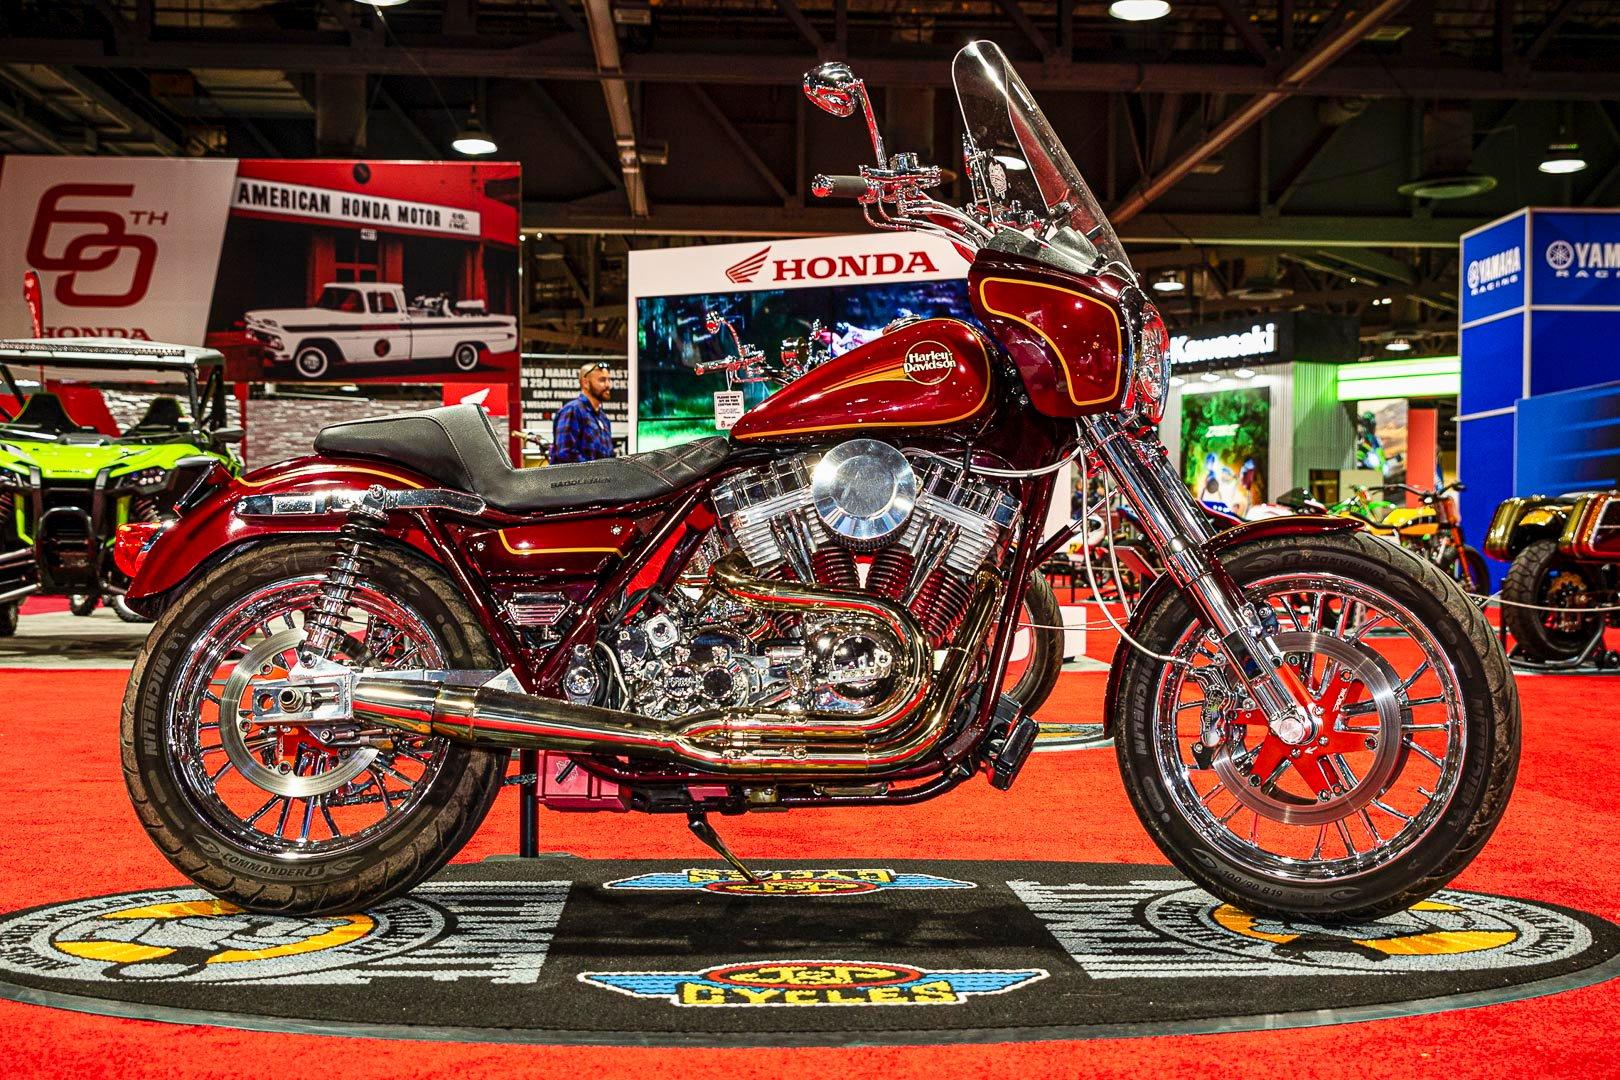 2019 Long Beach IMS 1984 Harley-Davidson FXDG